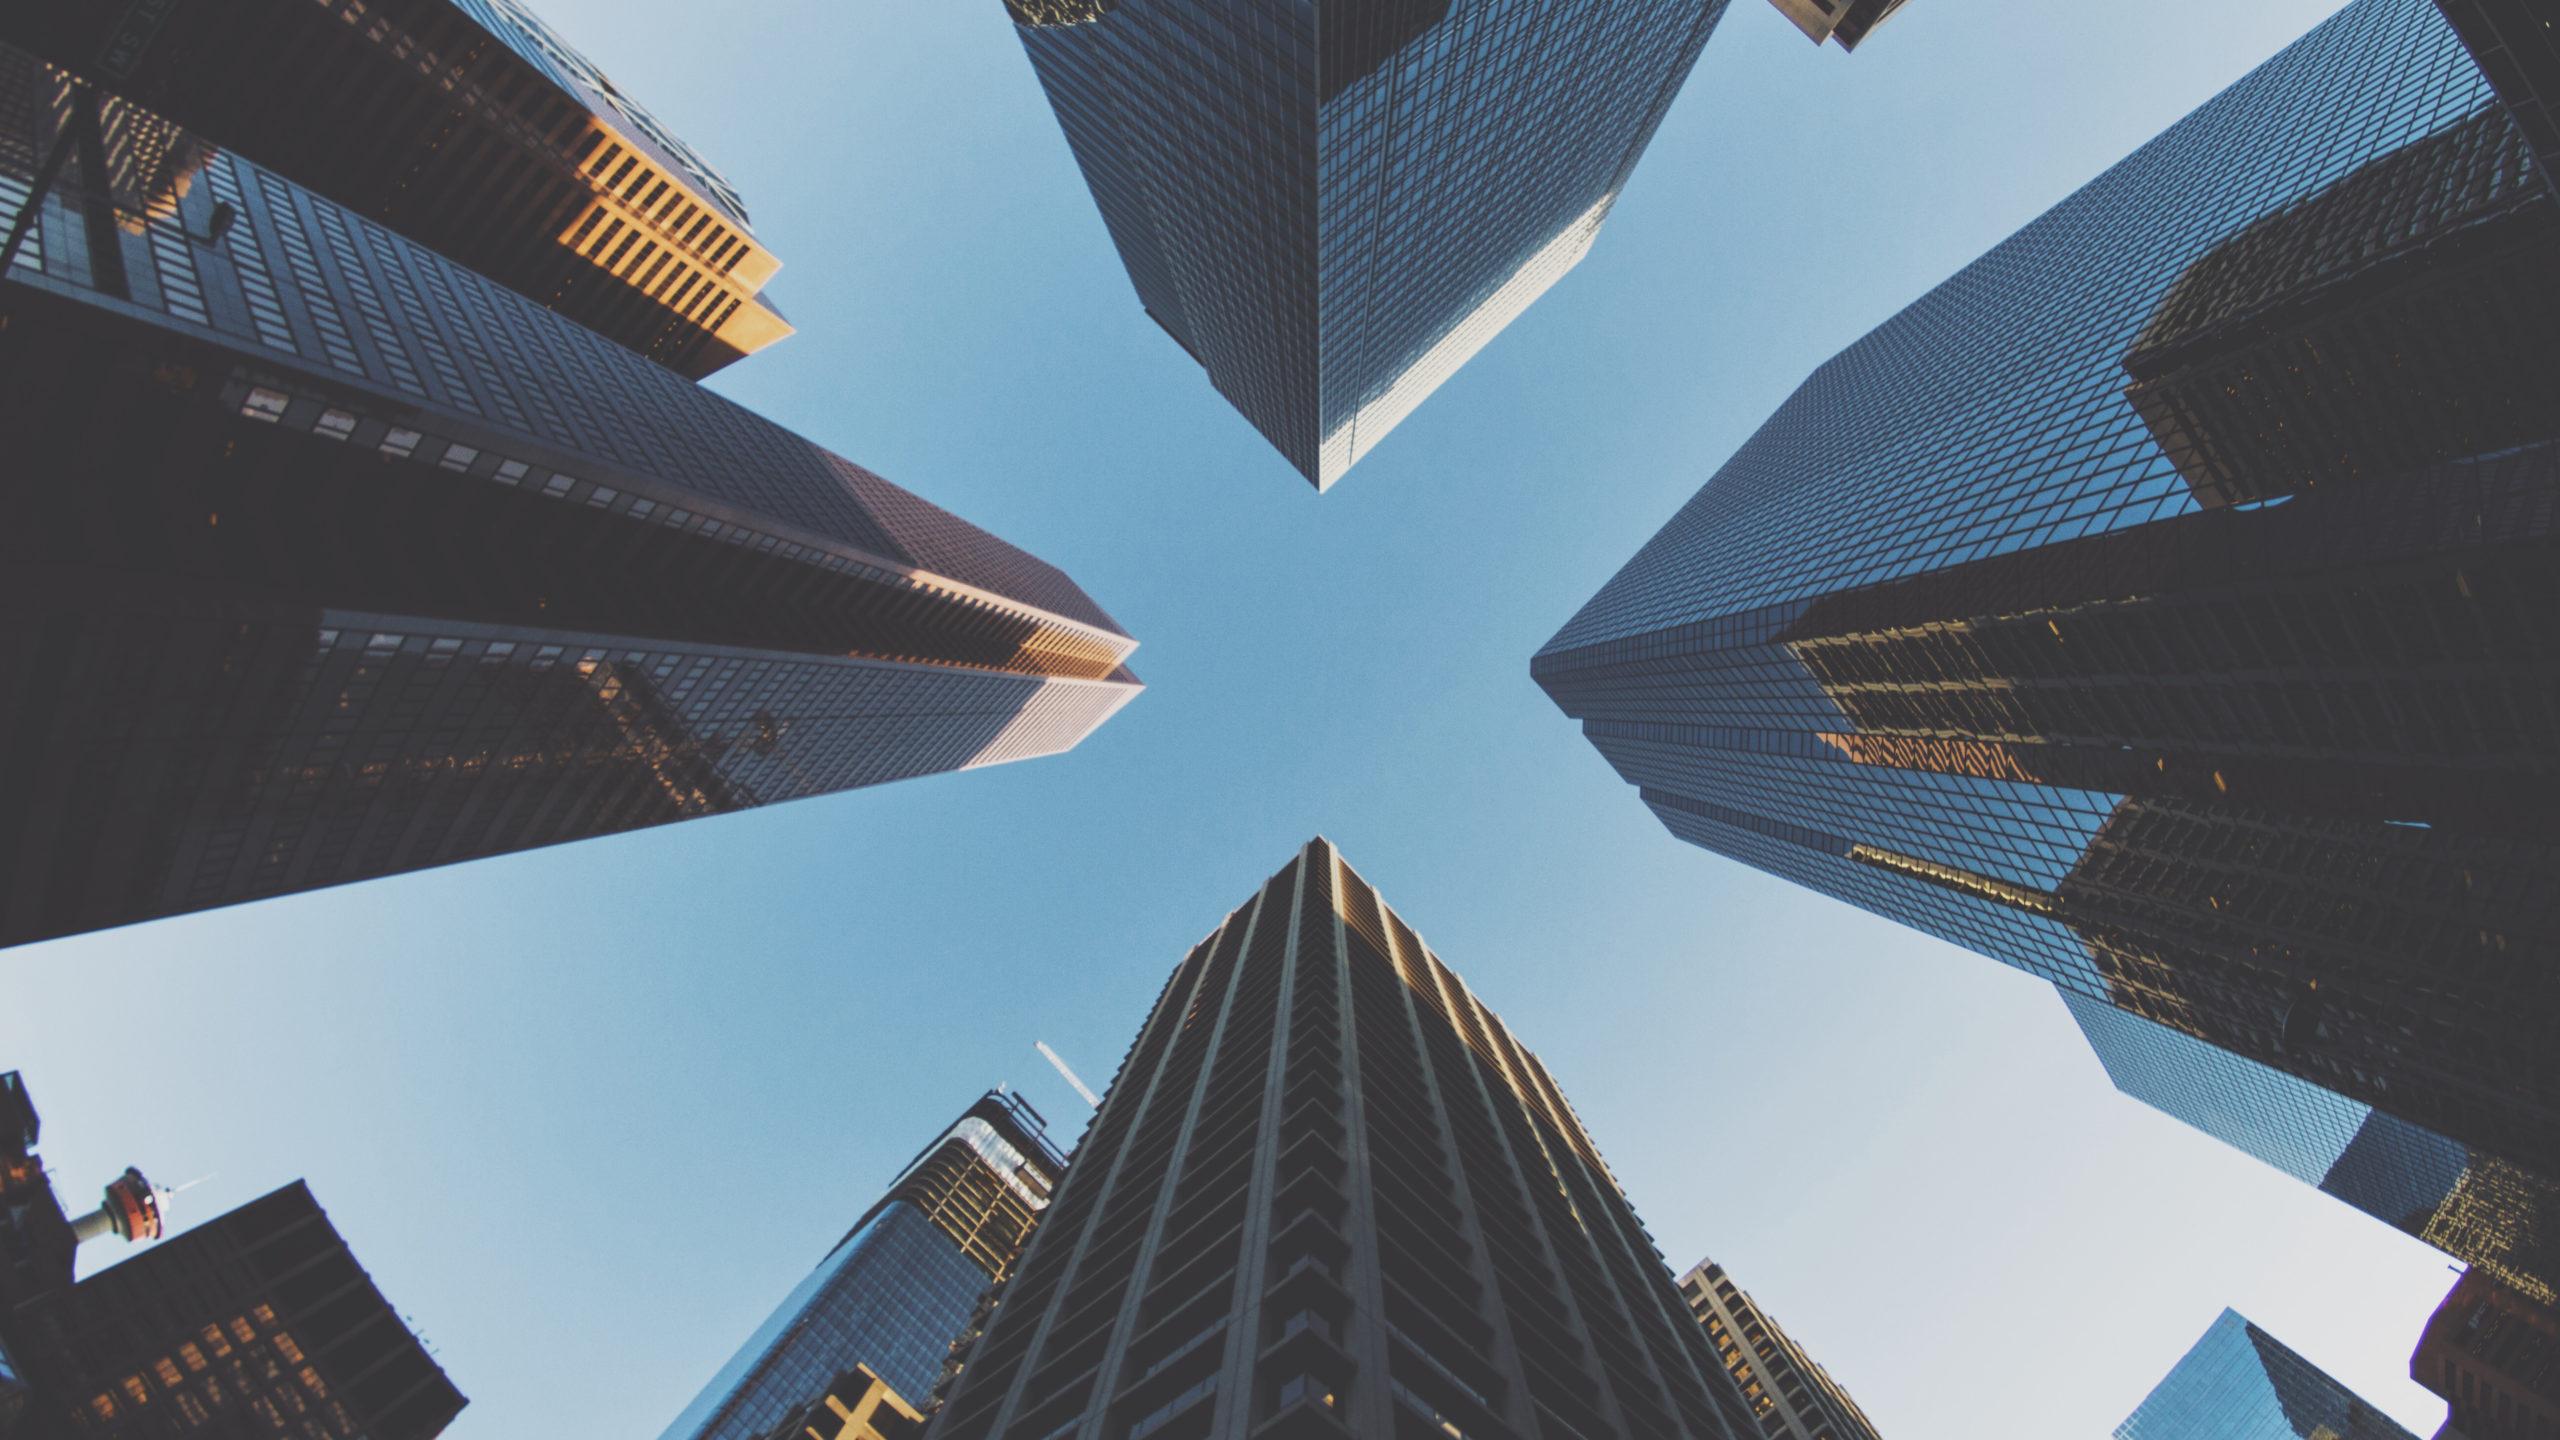 Lohnt sich Immobilieninvestment? Wie minimiert man das Risiko?